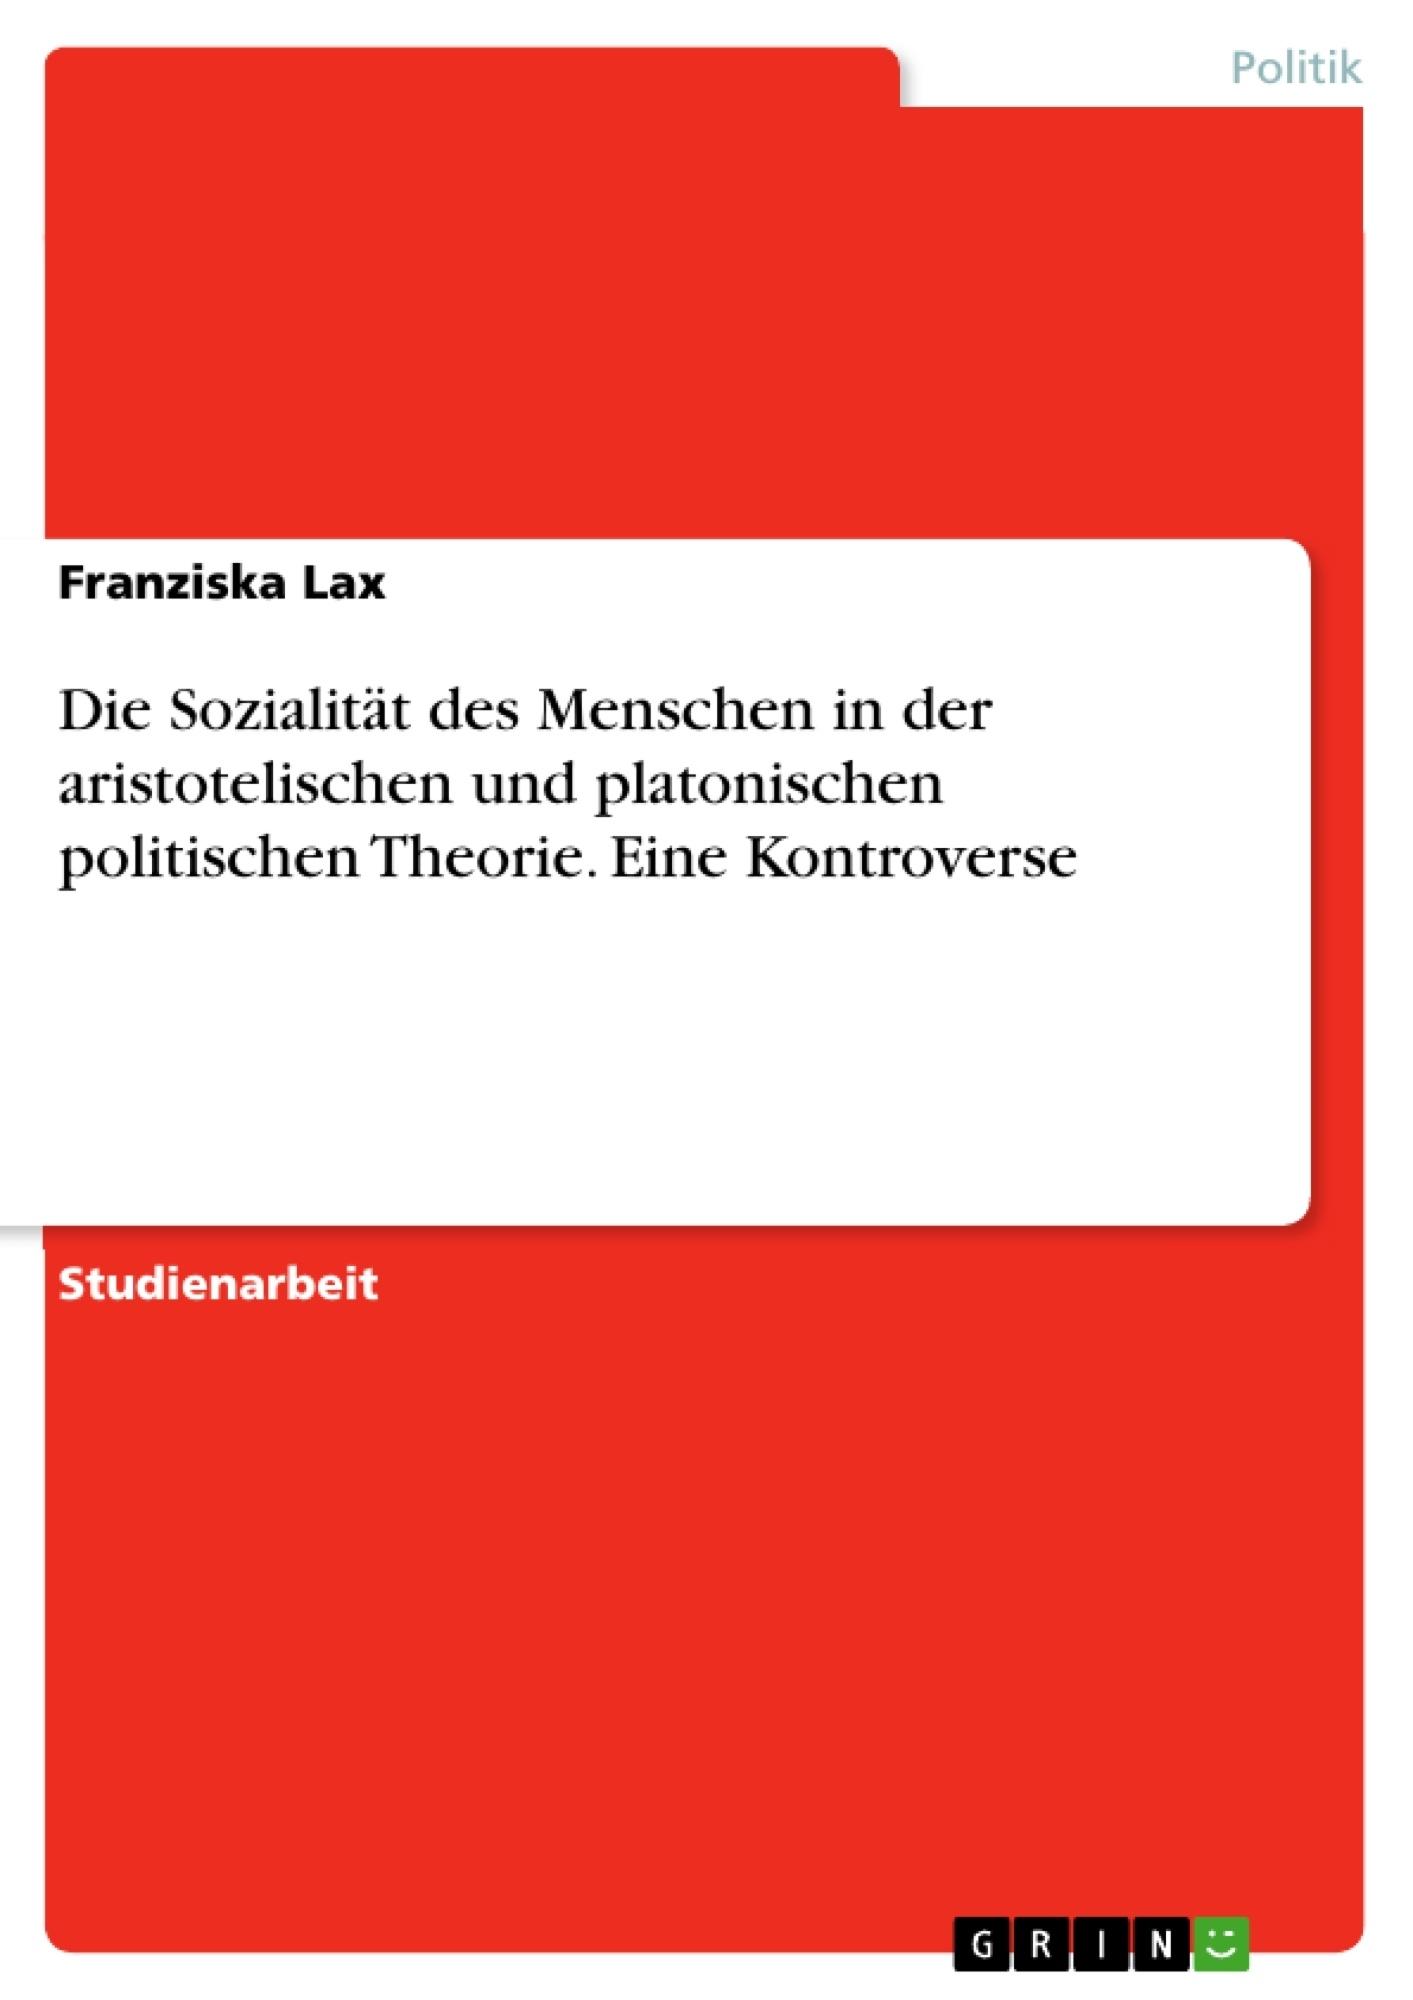 Titel: Die Sozialität des Menschen in der aristotelischen und platonischen politischen Theorie. Eine Kontroverse